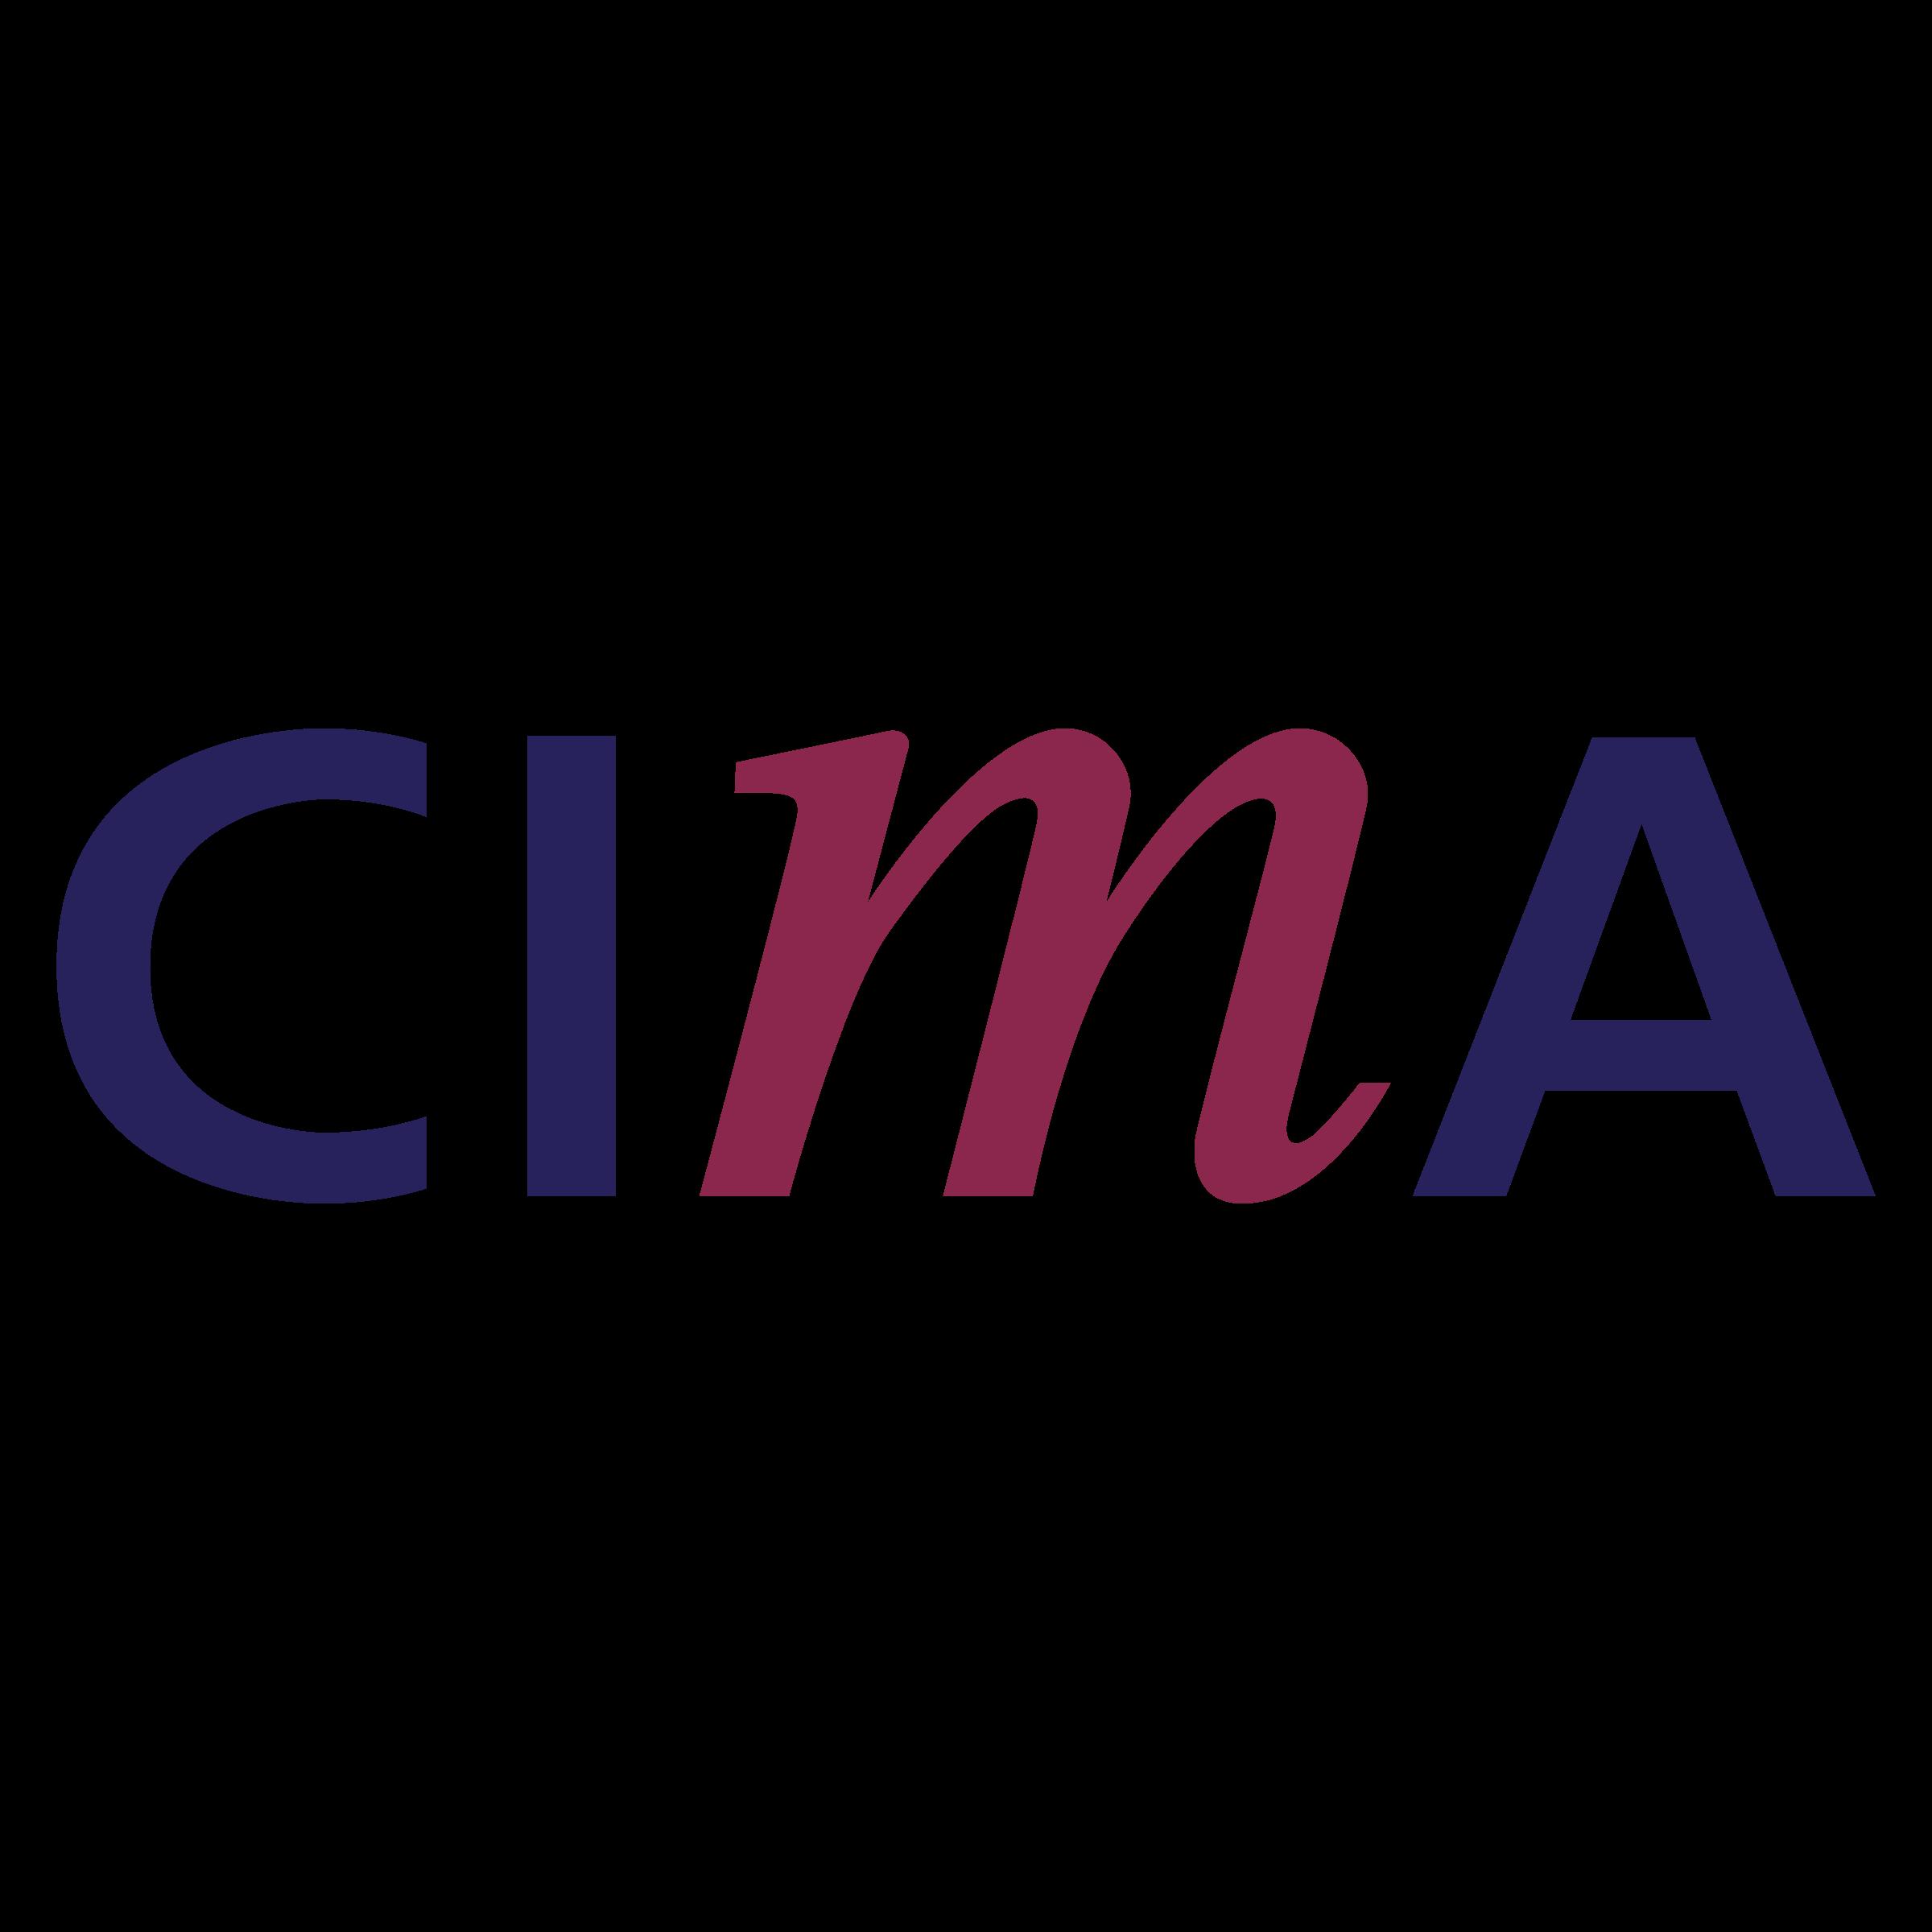 CIMA Logo PNG Transparent & SVG Vector.